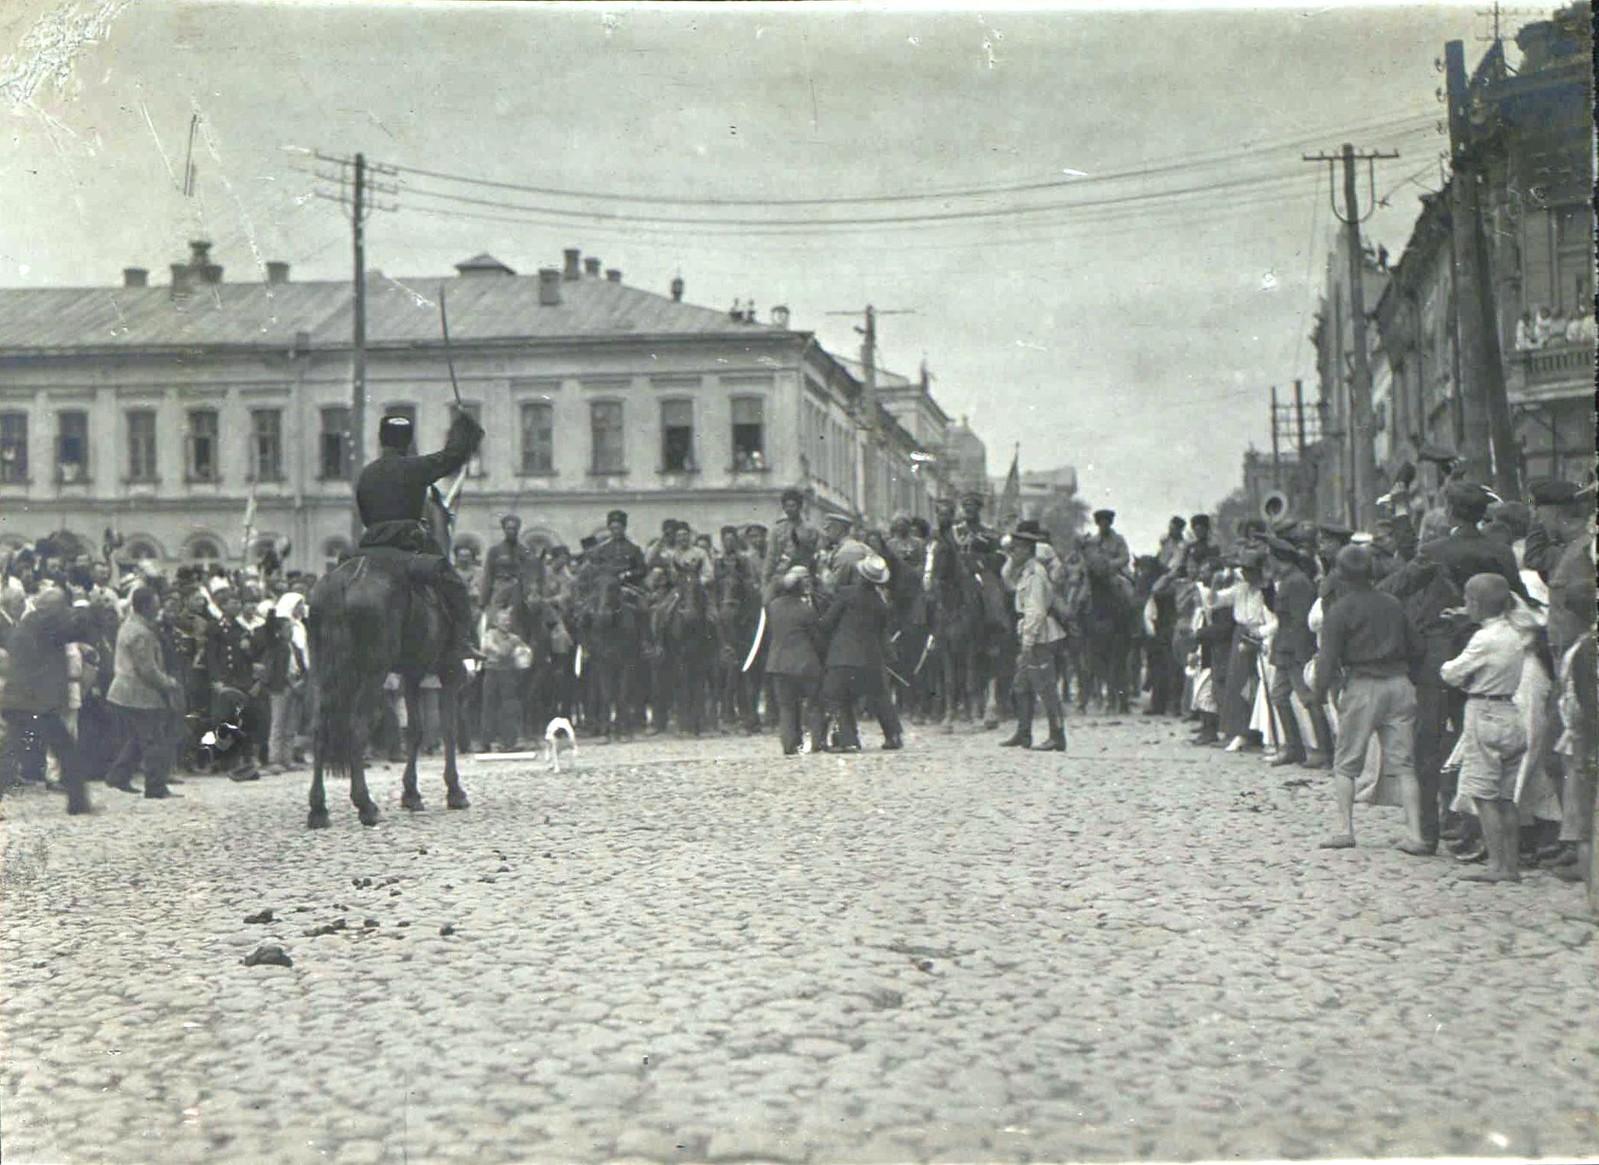 153. 1919. Чествование генерала Кутепова в Харькове